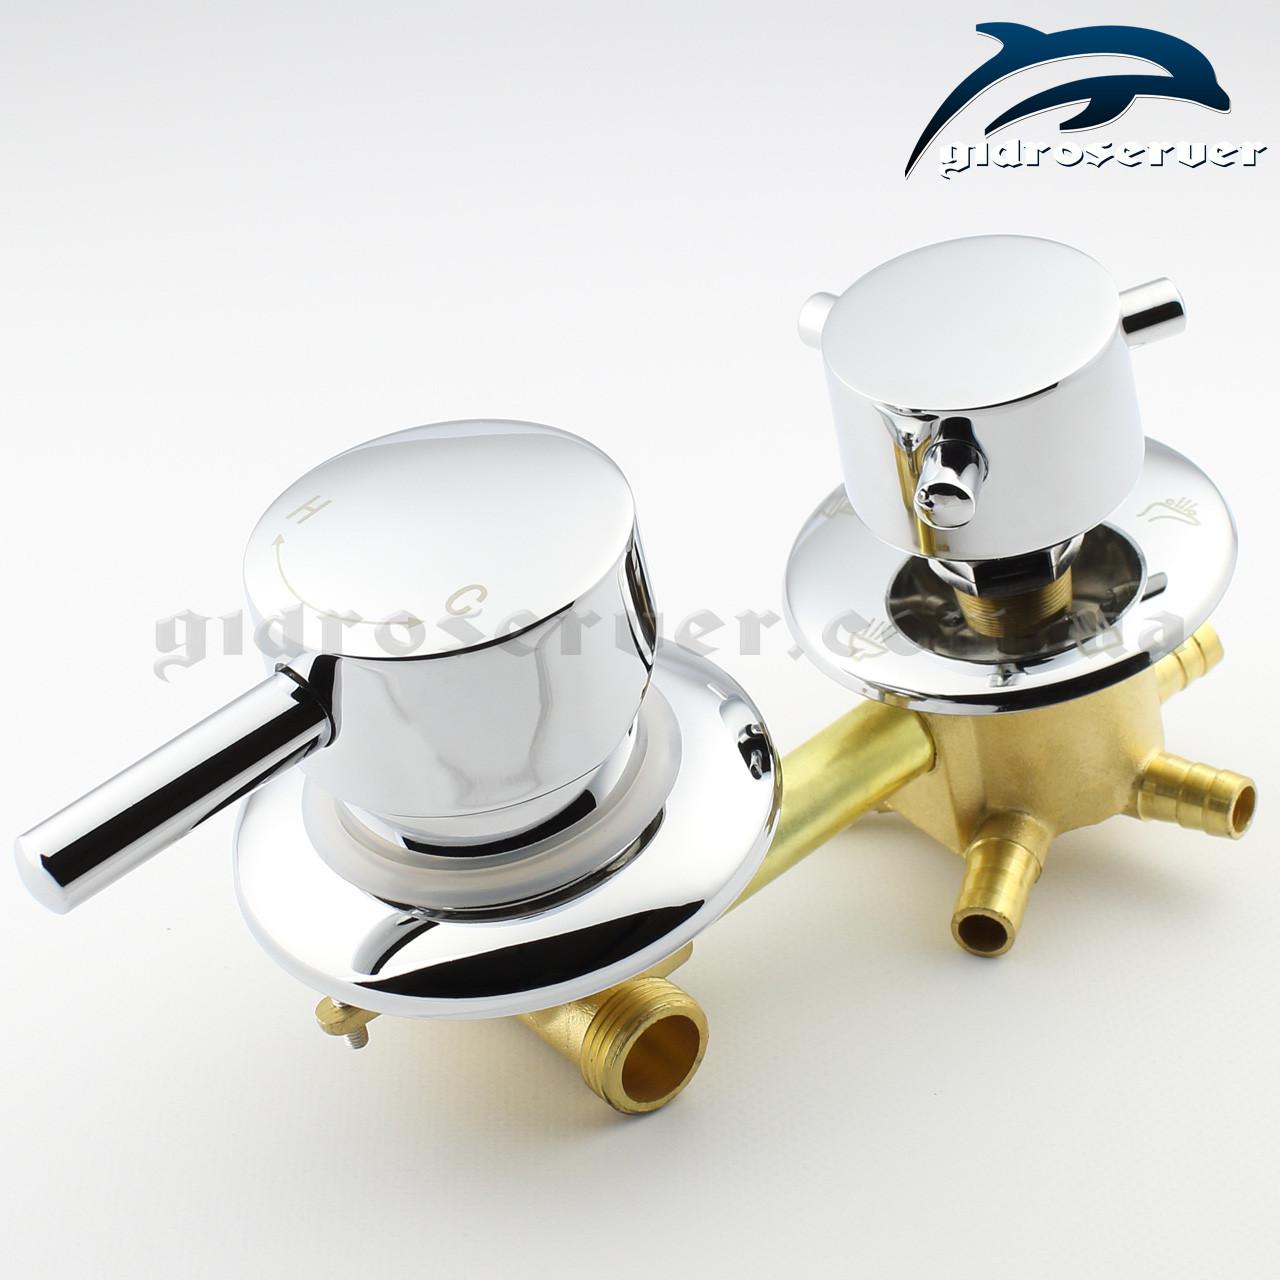 Смеситель для душевых кабин, гидромассажных боксов S5-100 на 5 положений.